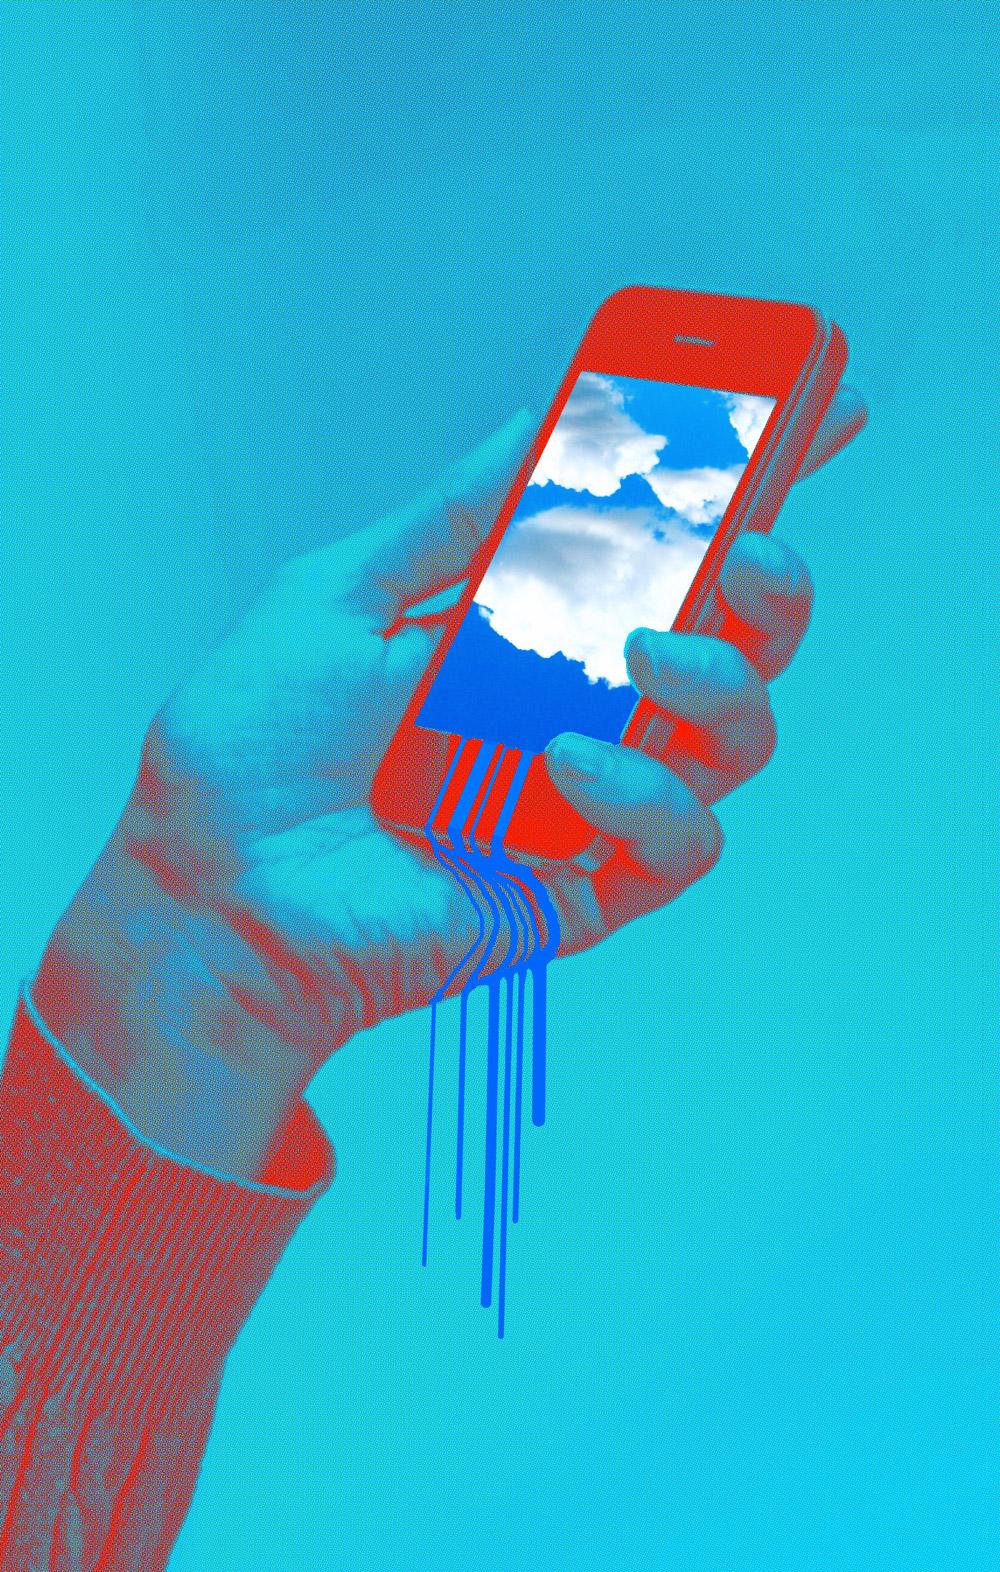 cell-phones-daniel-moisan-poster-animall-haus-studio.jpg